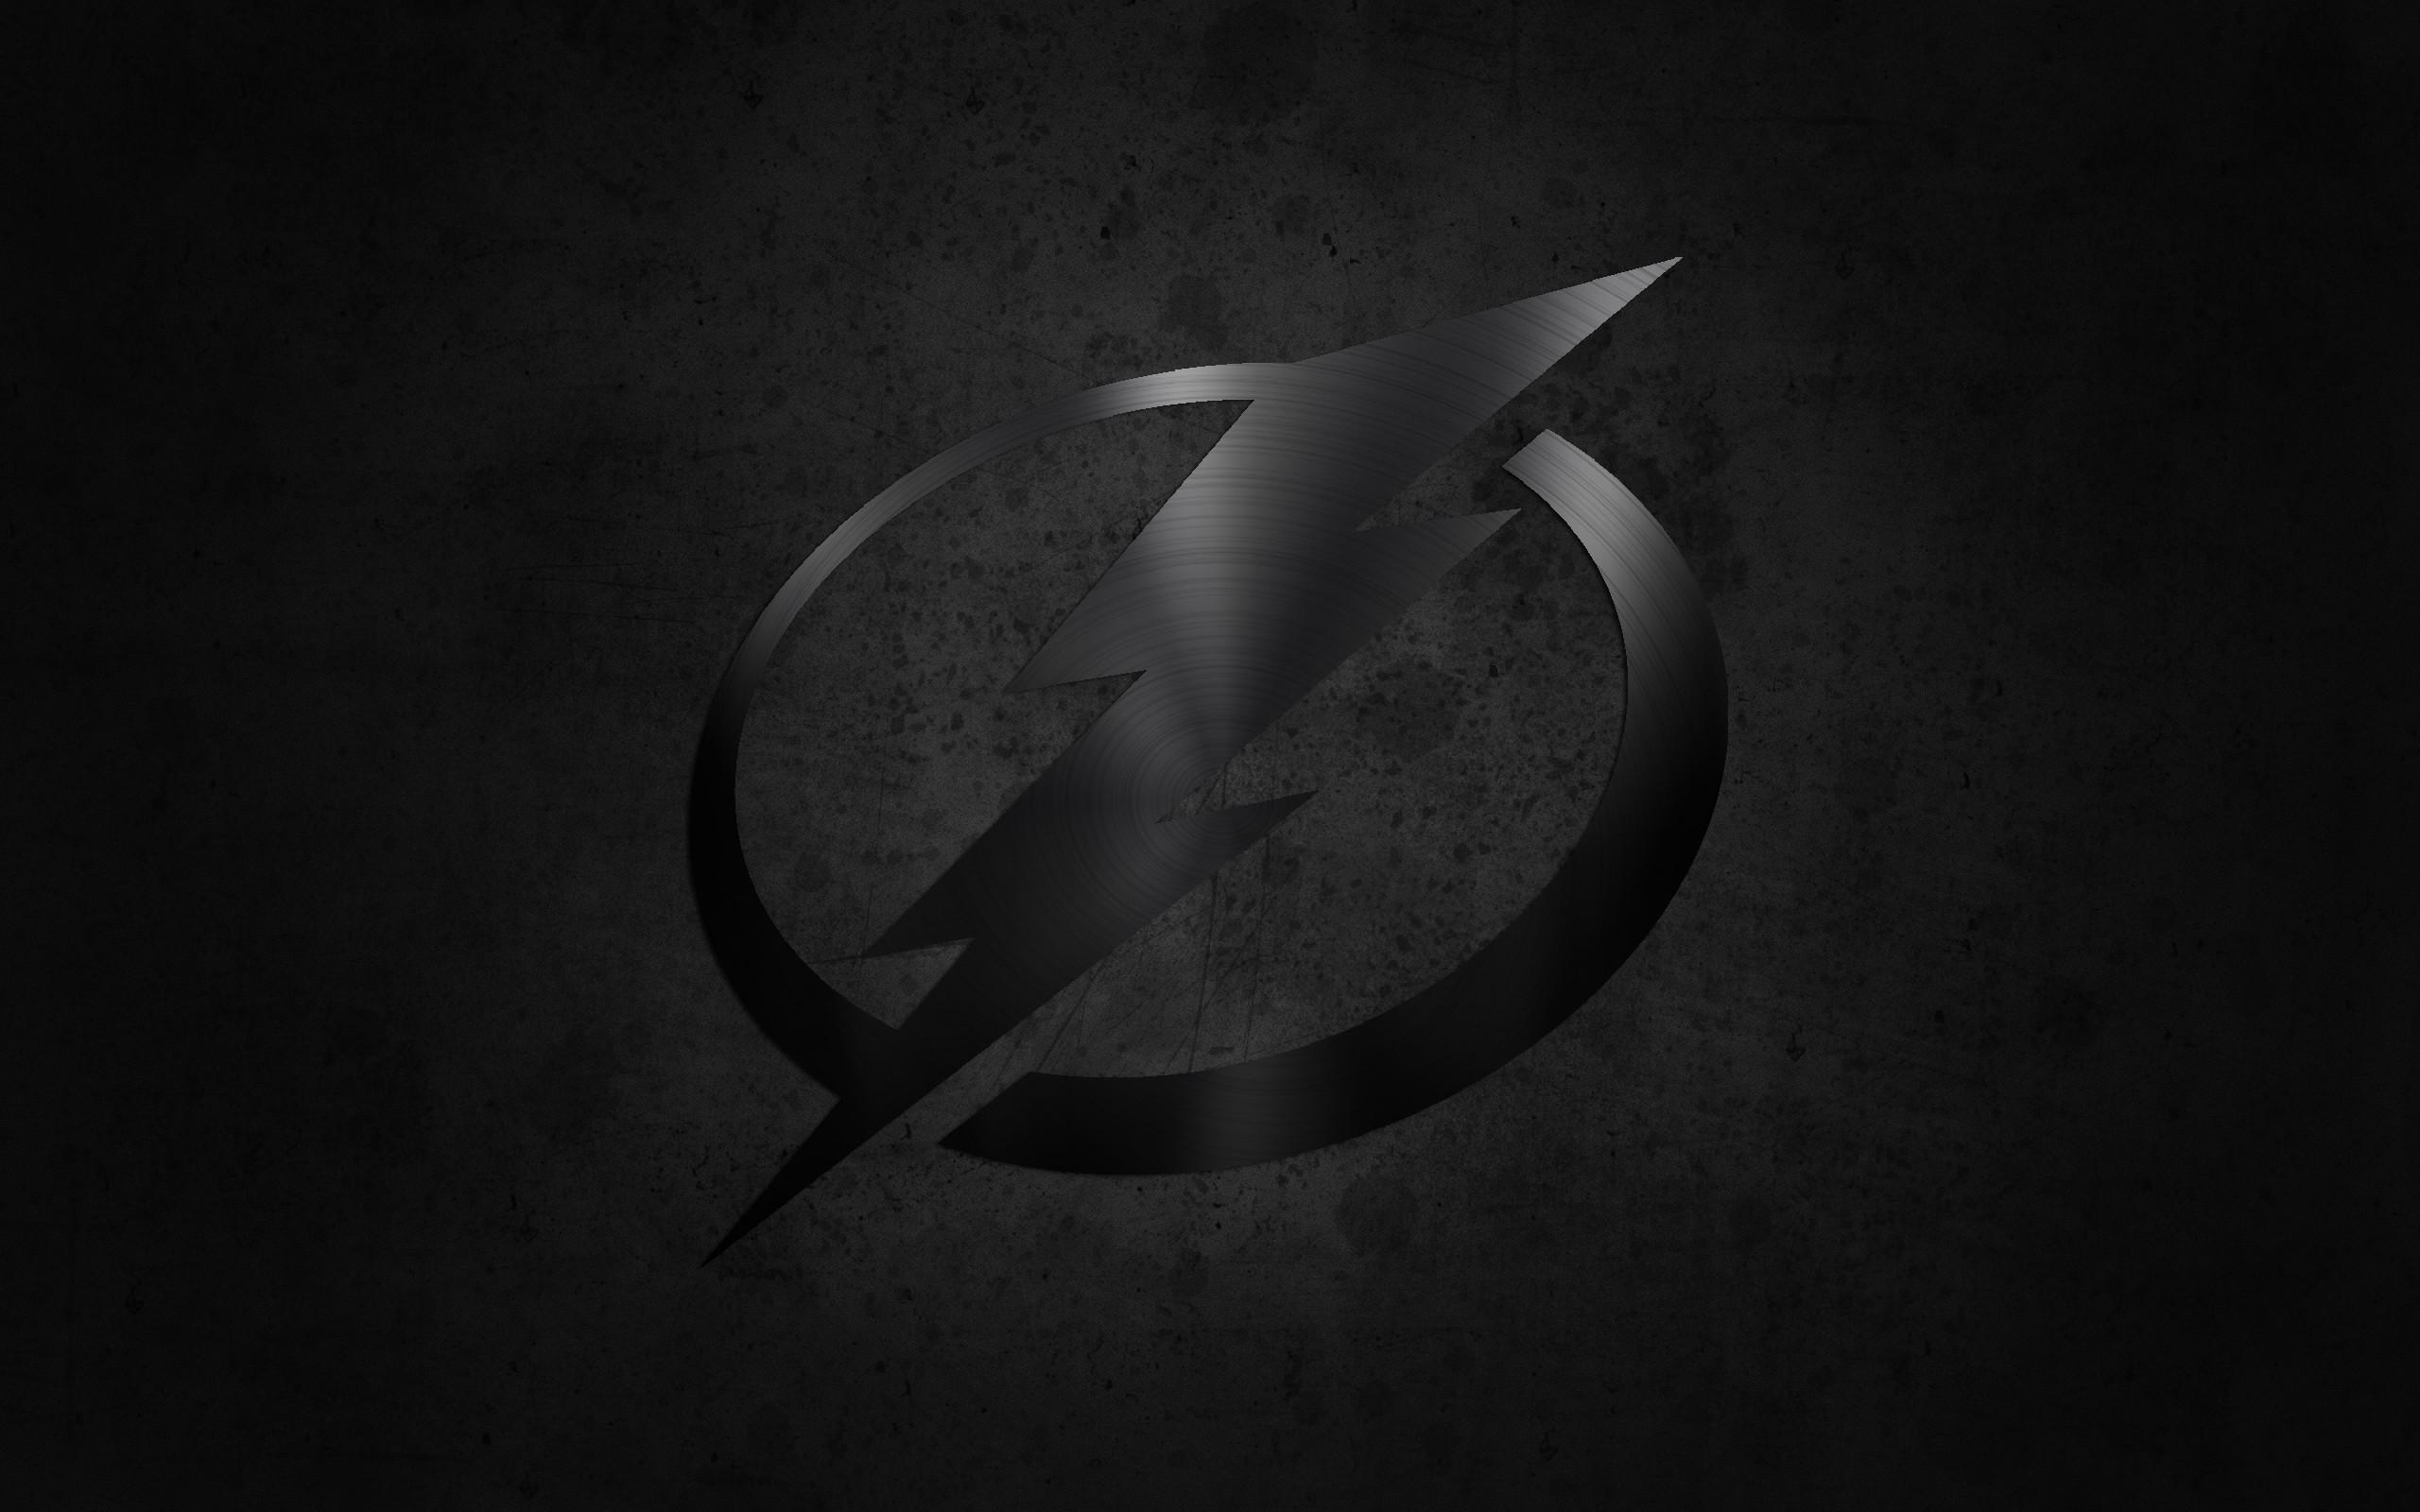 Tampa Bay Lightning Wallpaper 1